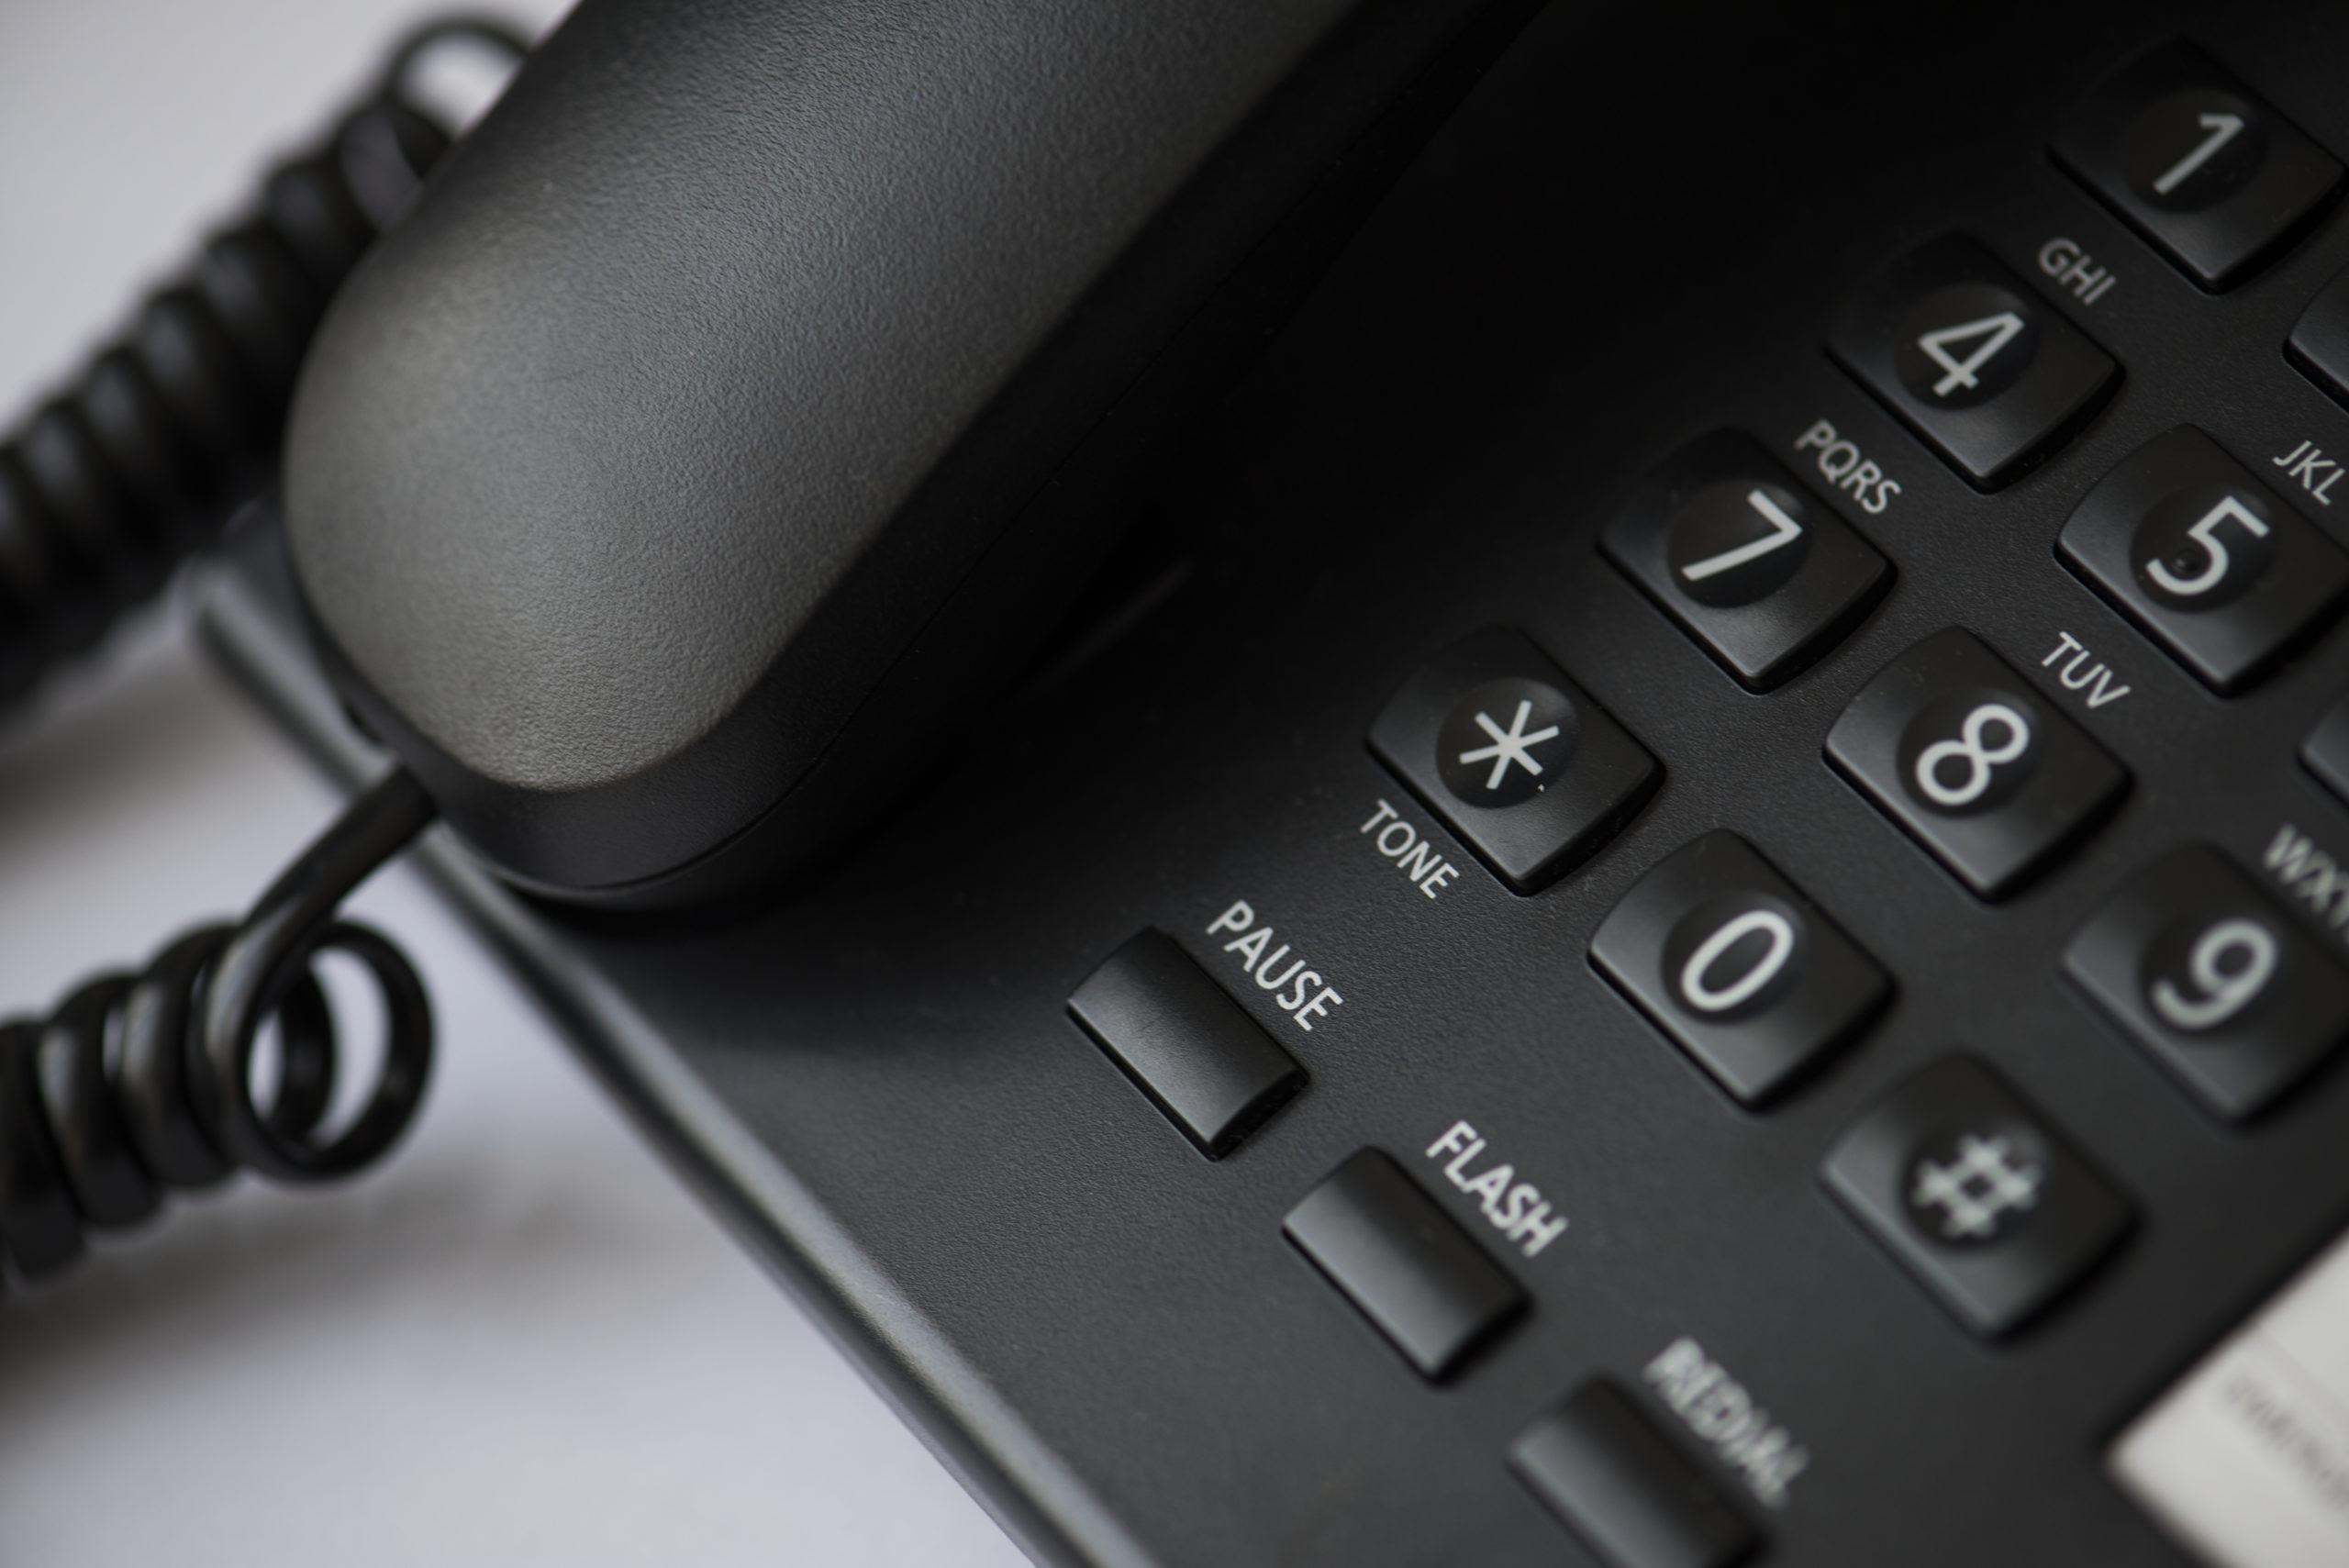 Le marketing direct par téléphone, peut-il être un bon complément au webmarketing ?